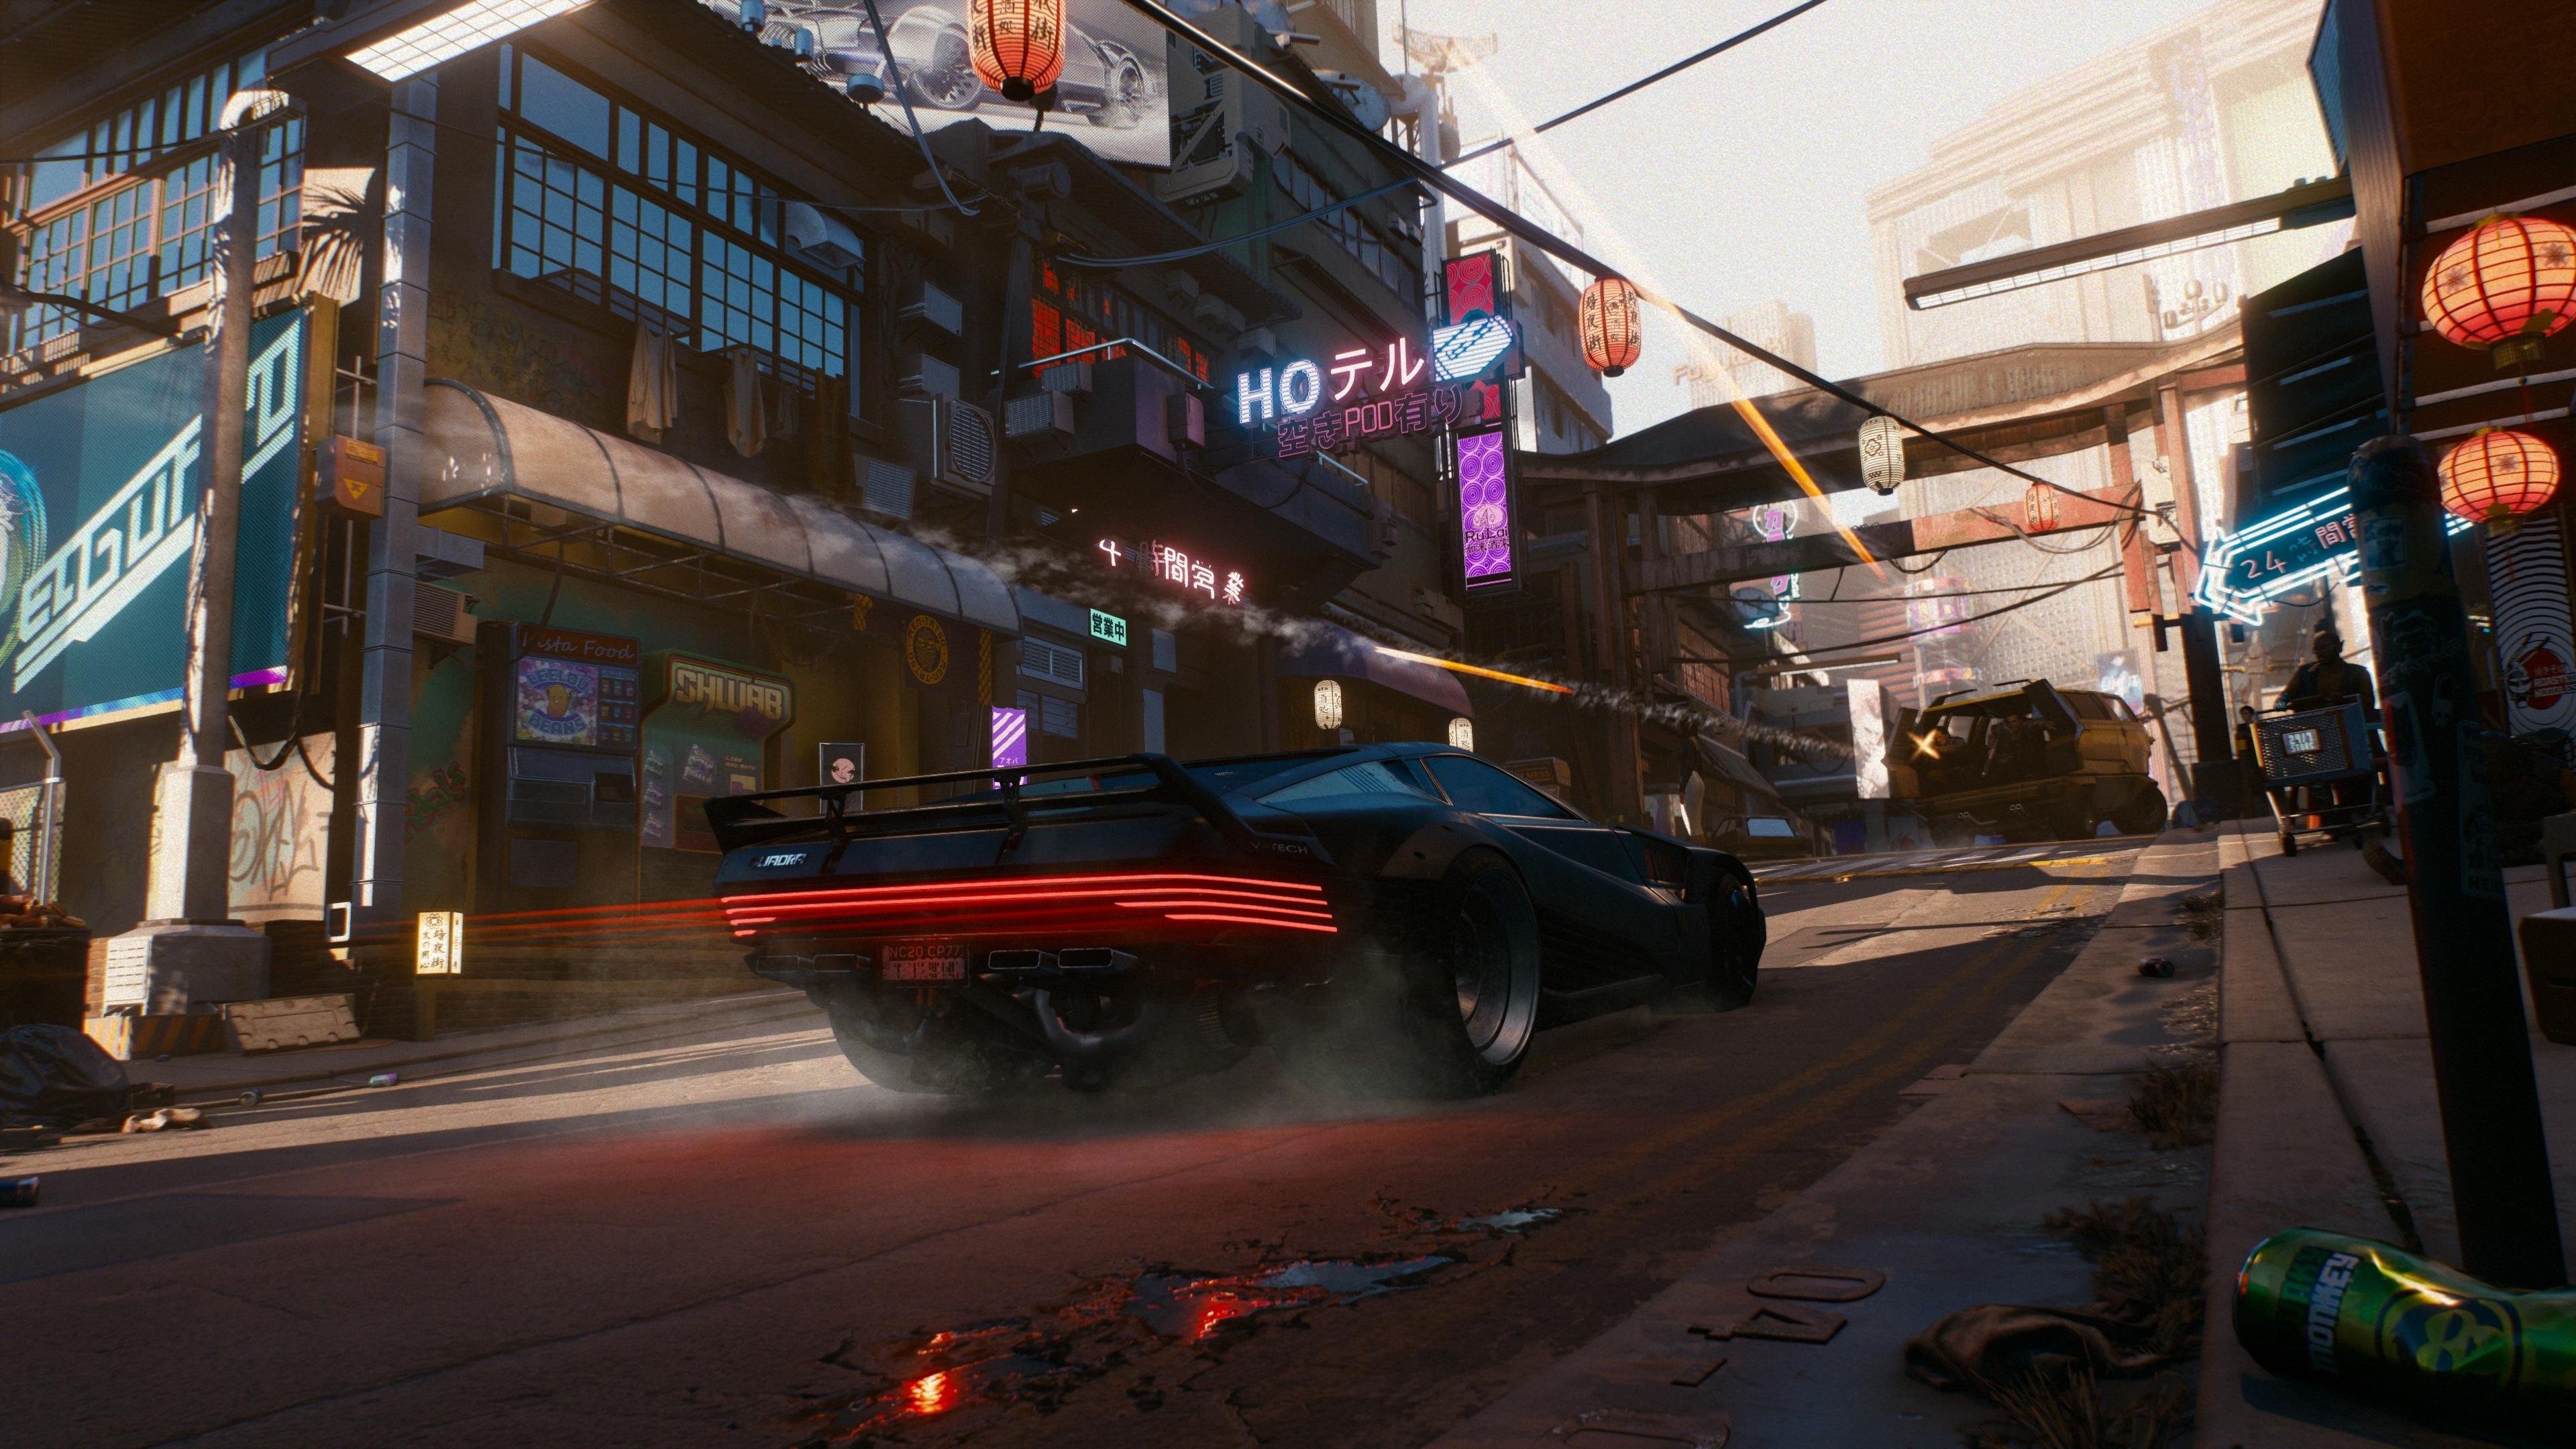 cyberpunk 2077 scifi vehicles 4k 1537690198 - Cyberpunk 2077 Scifi Vehicles 4k - xbox games wallpapers, ps games wallpapers, pc games wallpapers, hd-wallpapers, games wallpapers, cyberpunk 2077 wallpapers, 4k-wallpapers